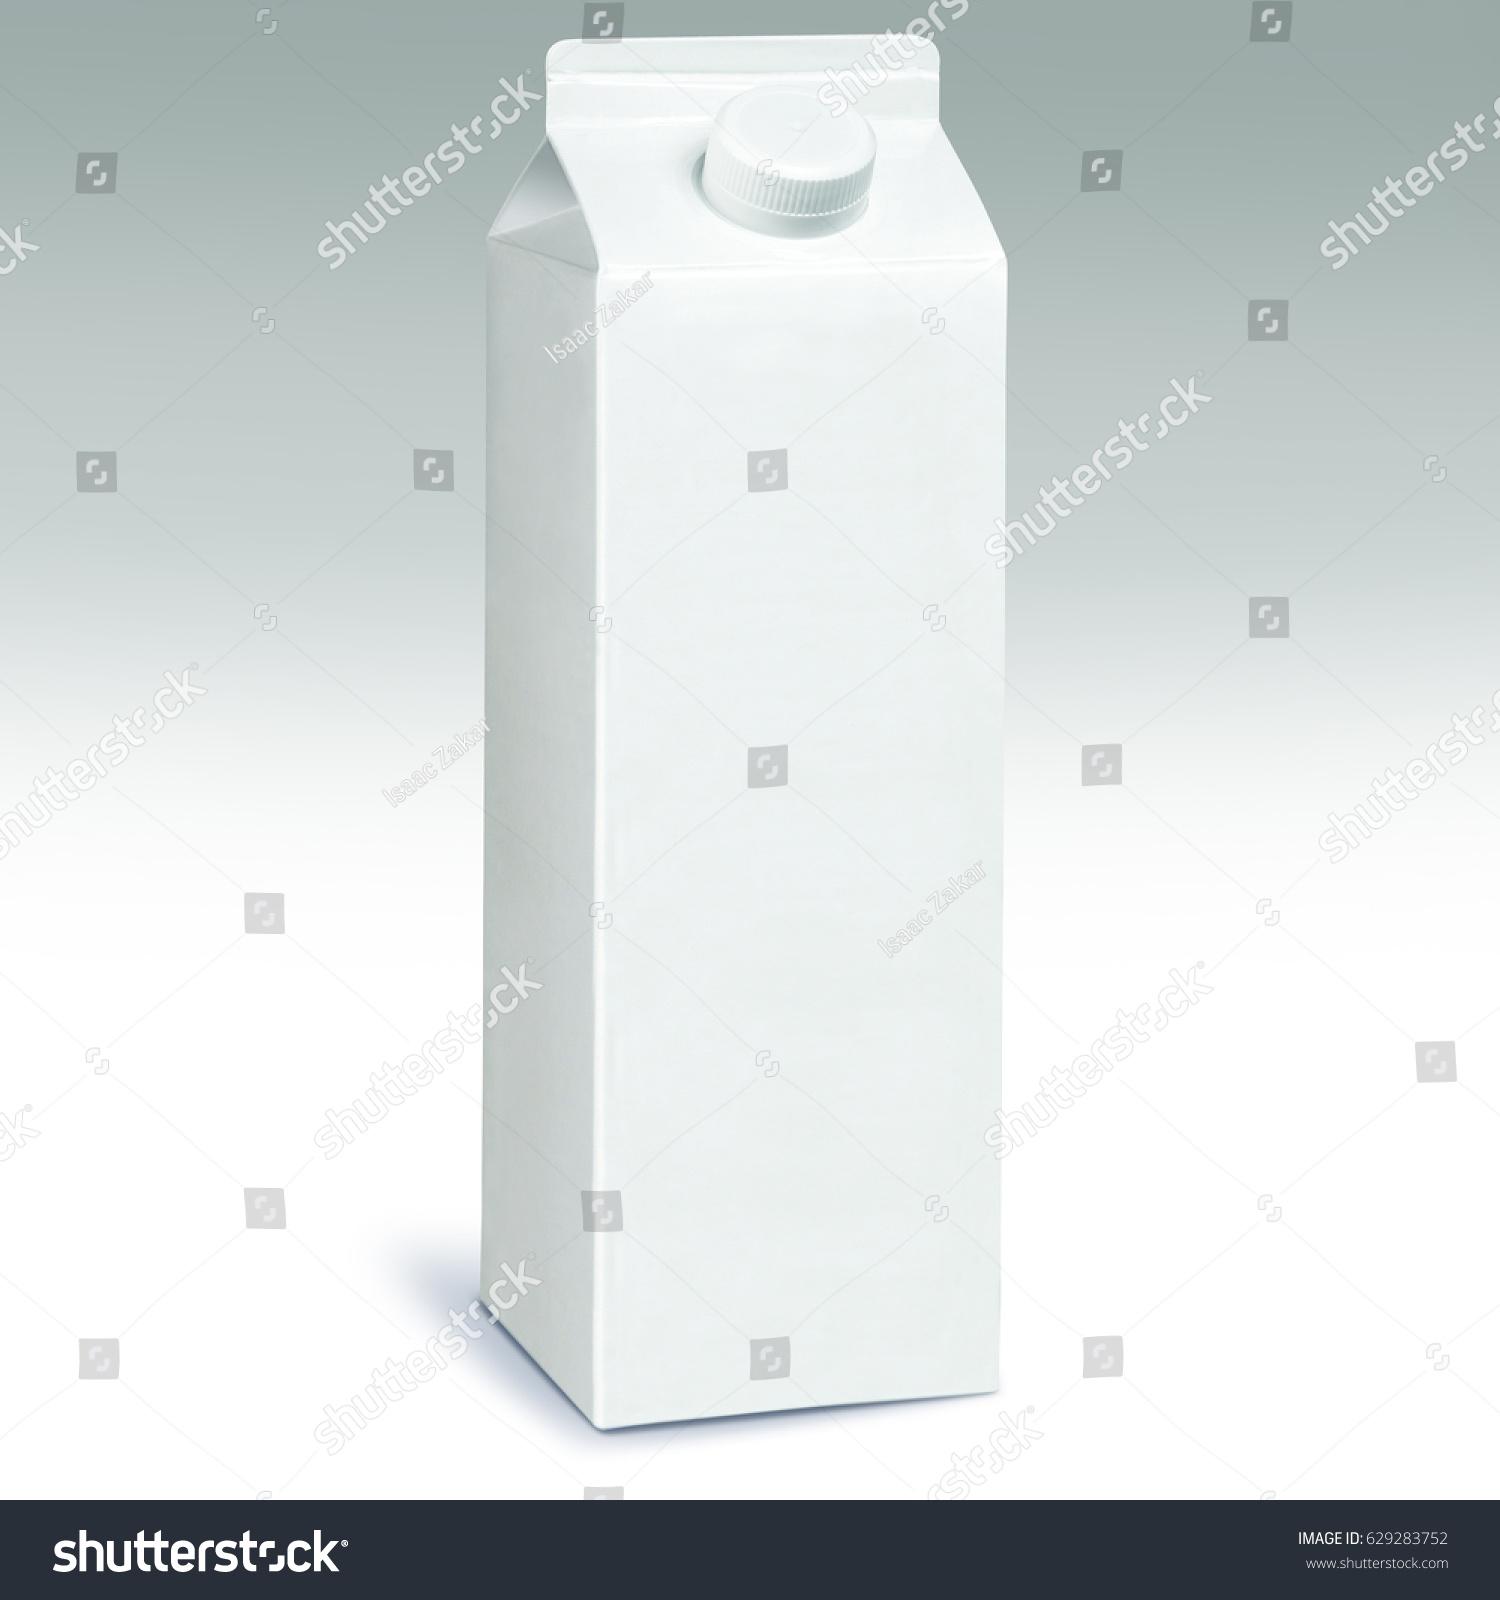 1 Liter Milk Carton Pack Template Mockup